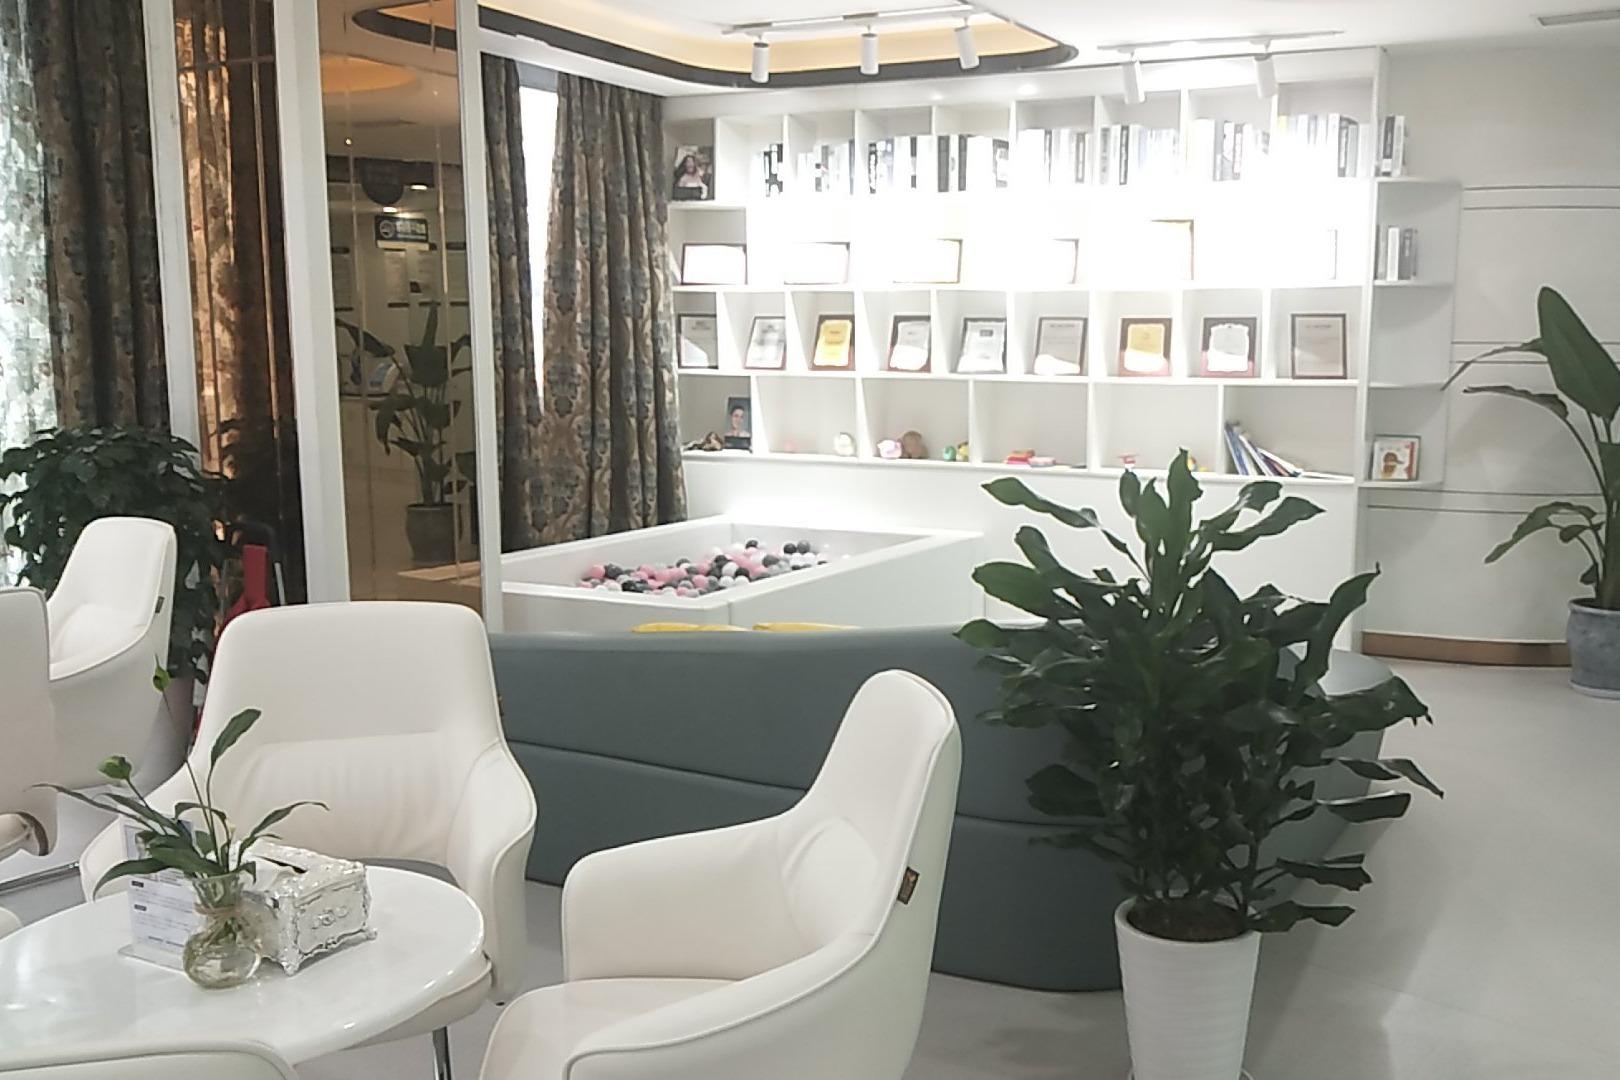 重庆金航口腔医院休息区